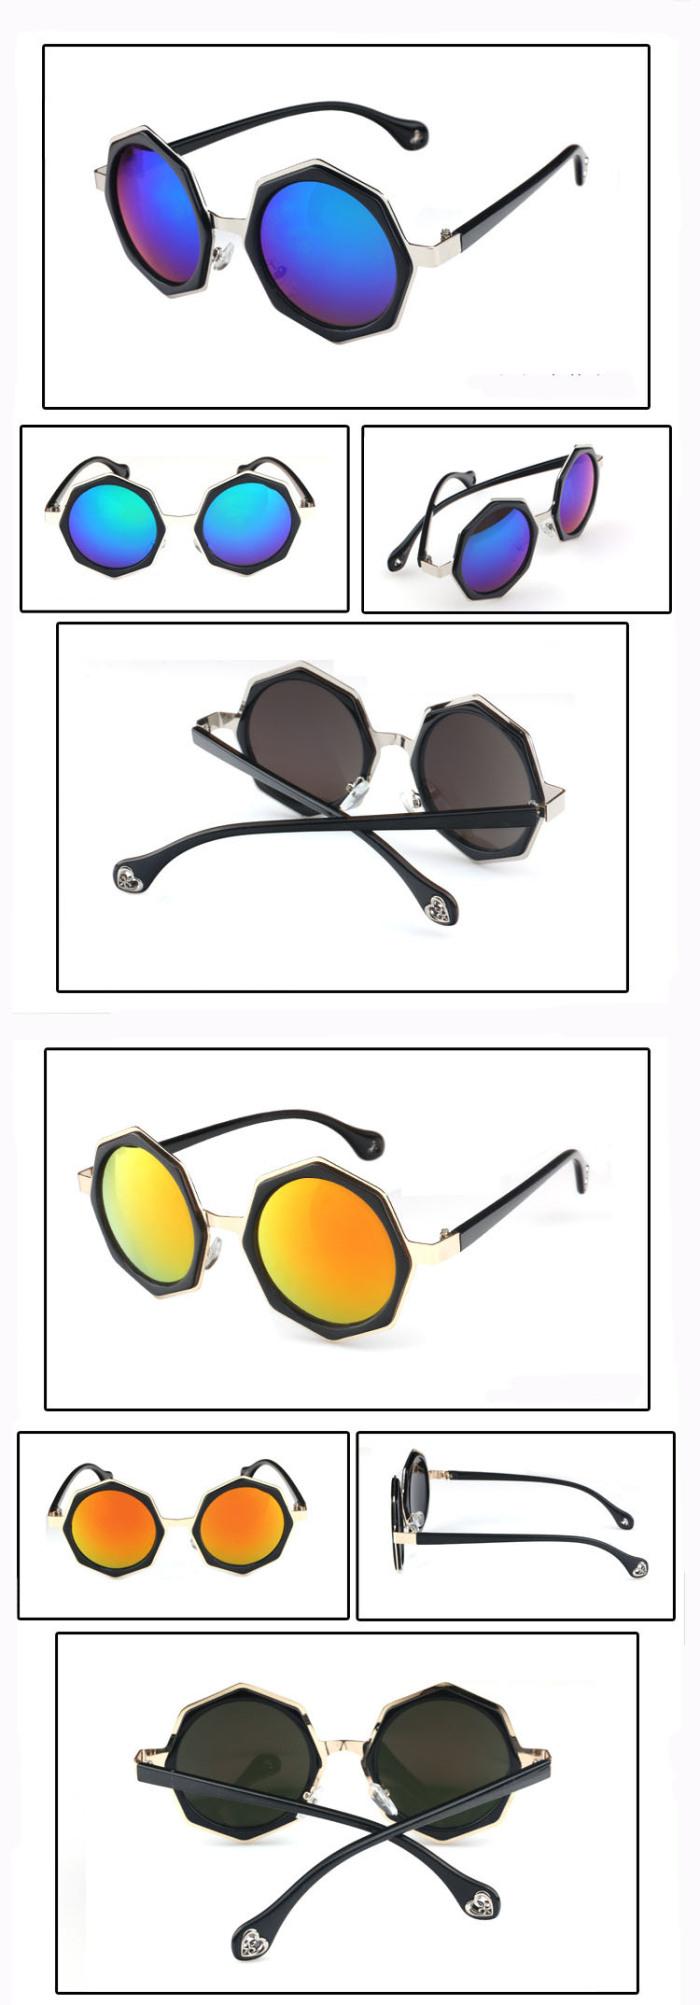 fashion eyeglasses  glasses fashion